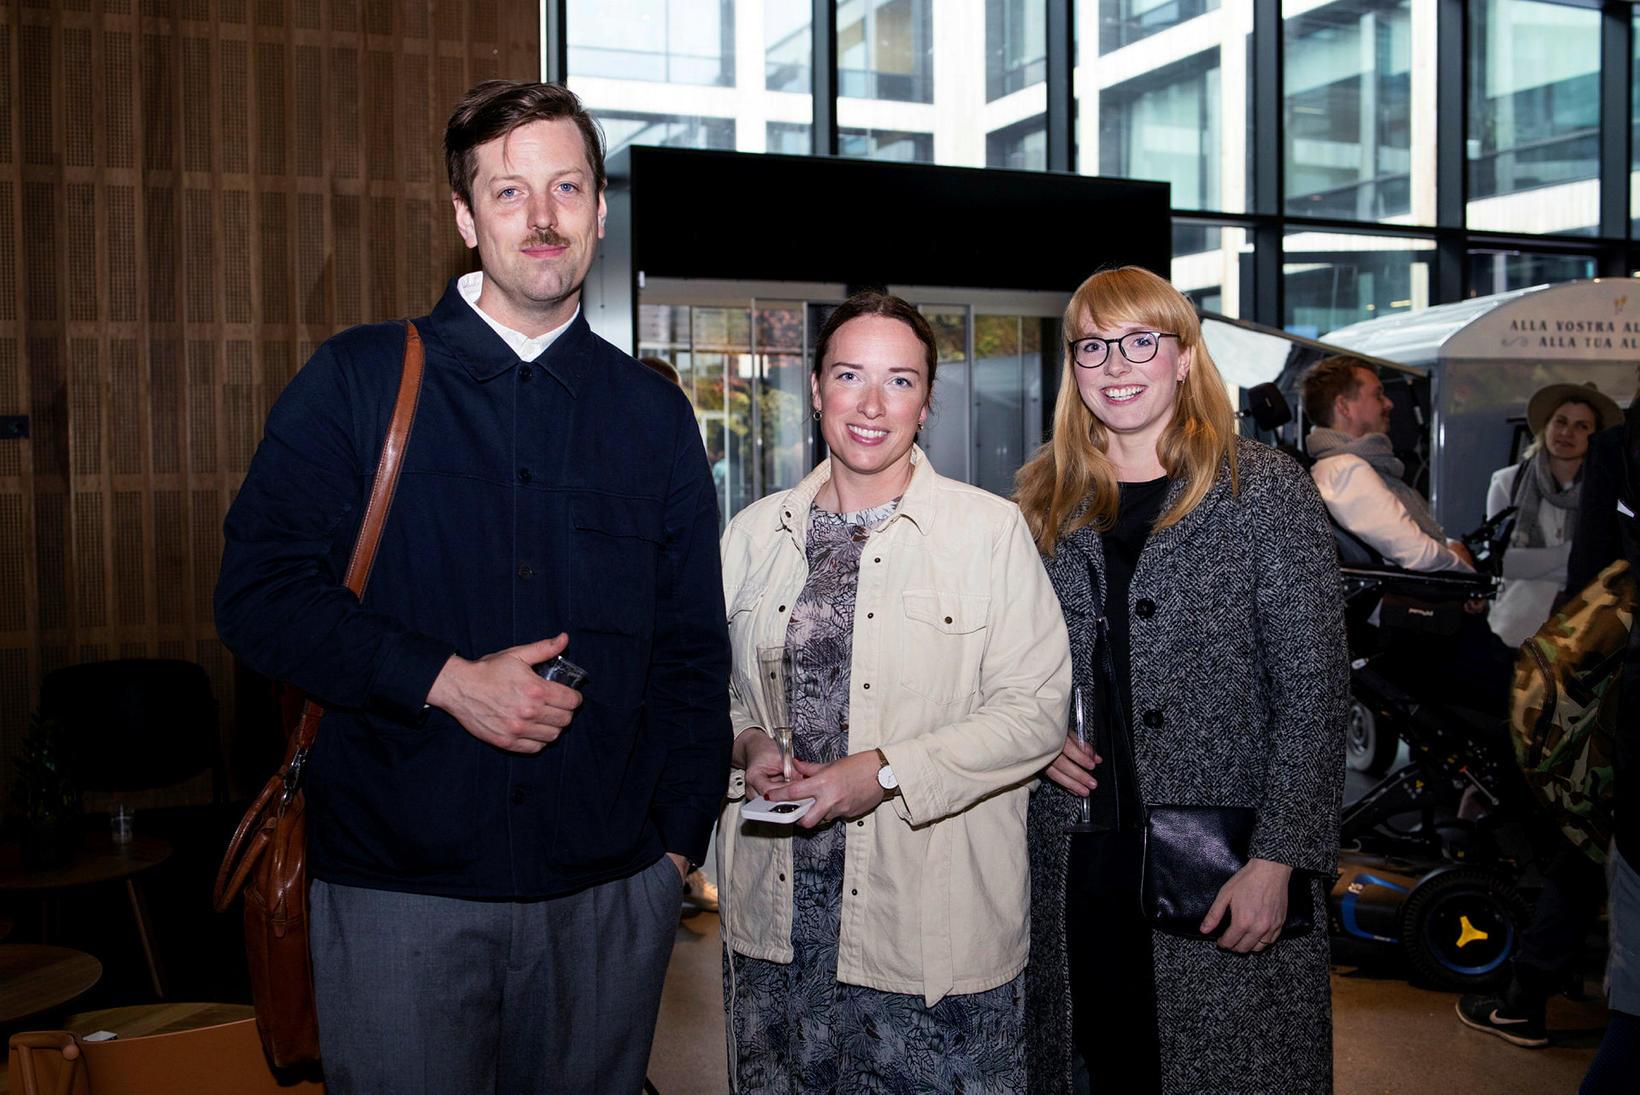 Emil Ásgrímsson, Kristbjörg María Guðmundsdóttir og Ragna Margrét Guðmundsdóttir.